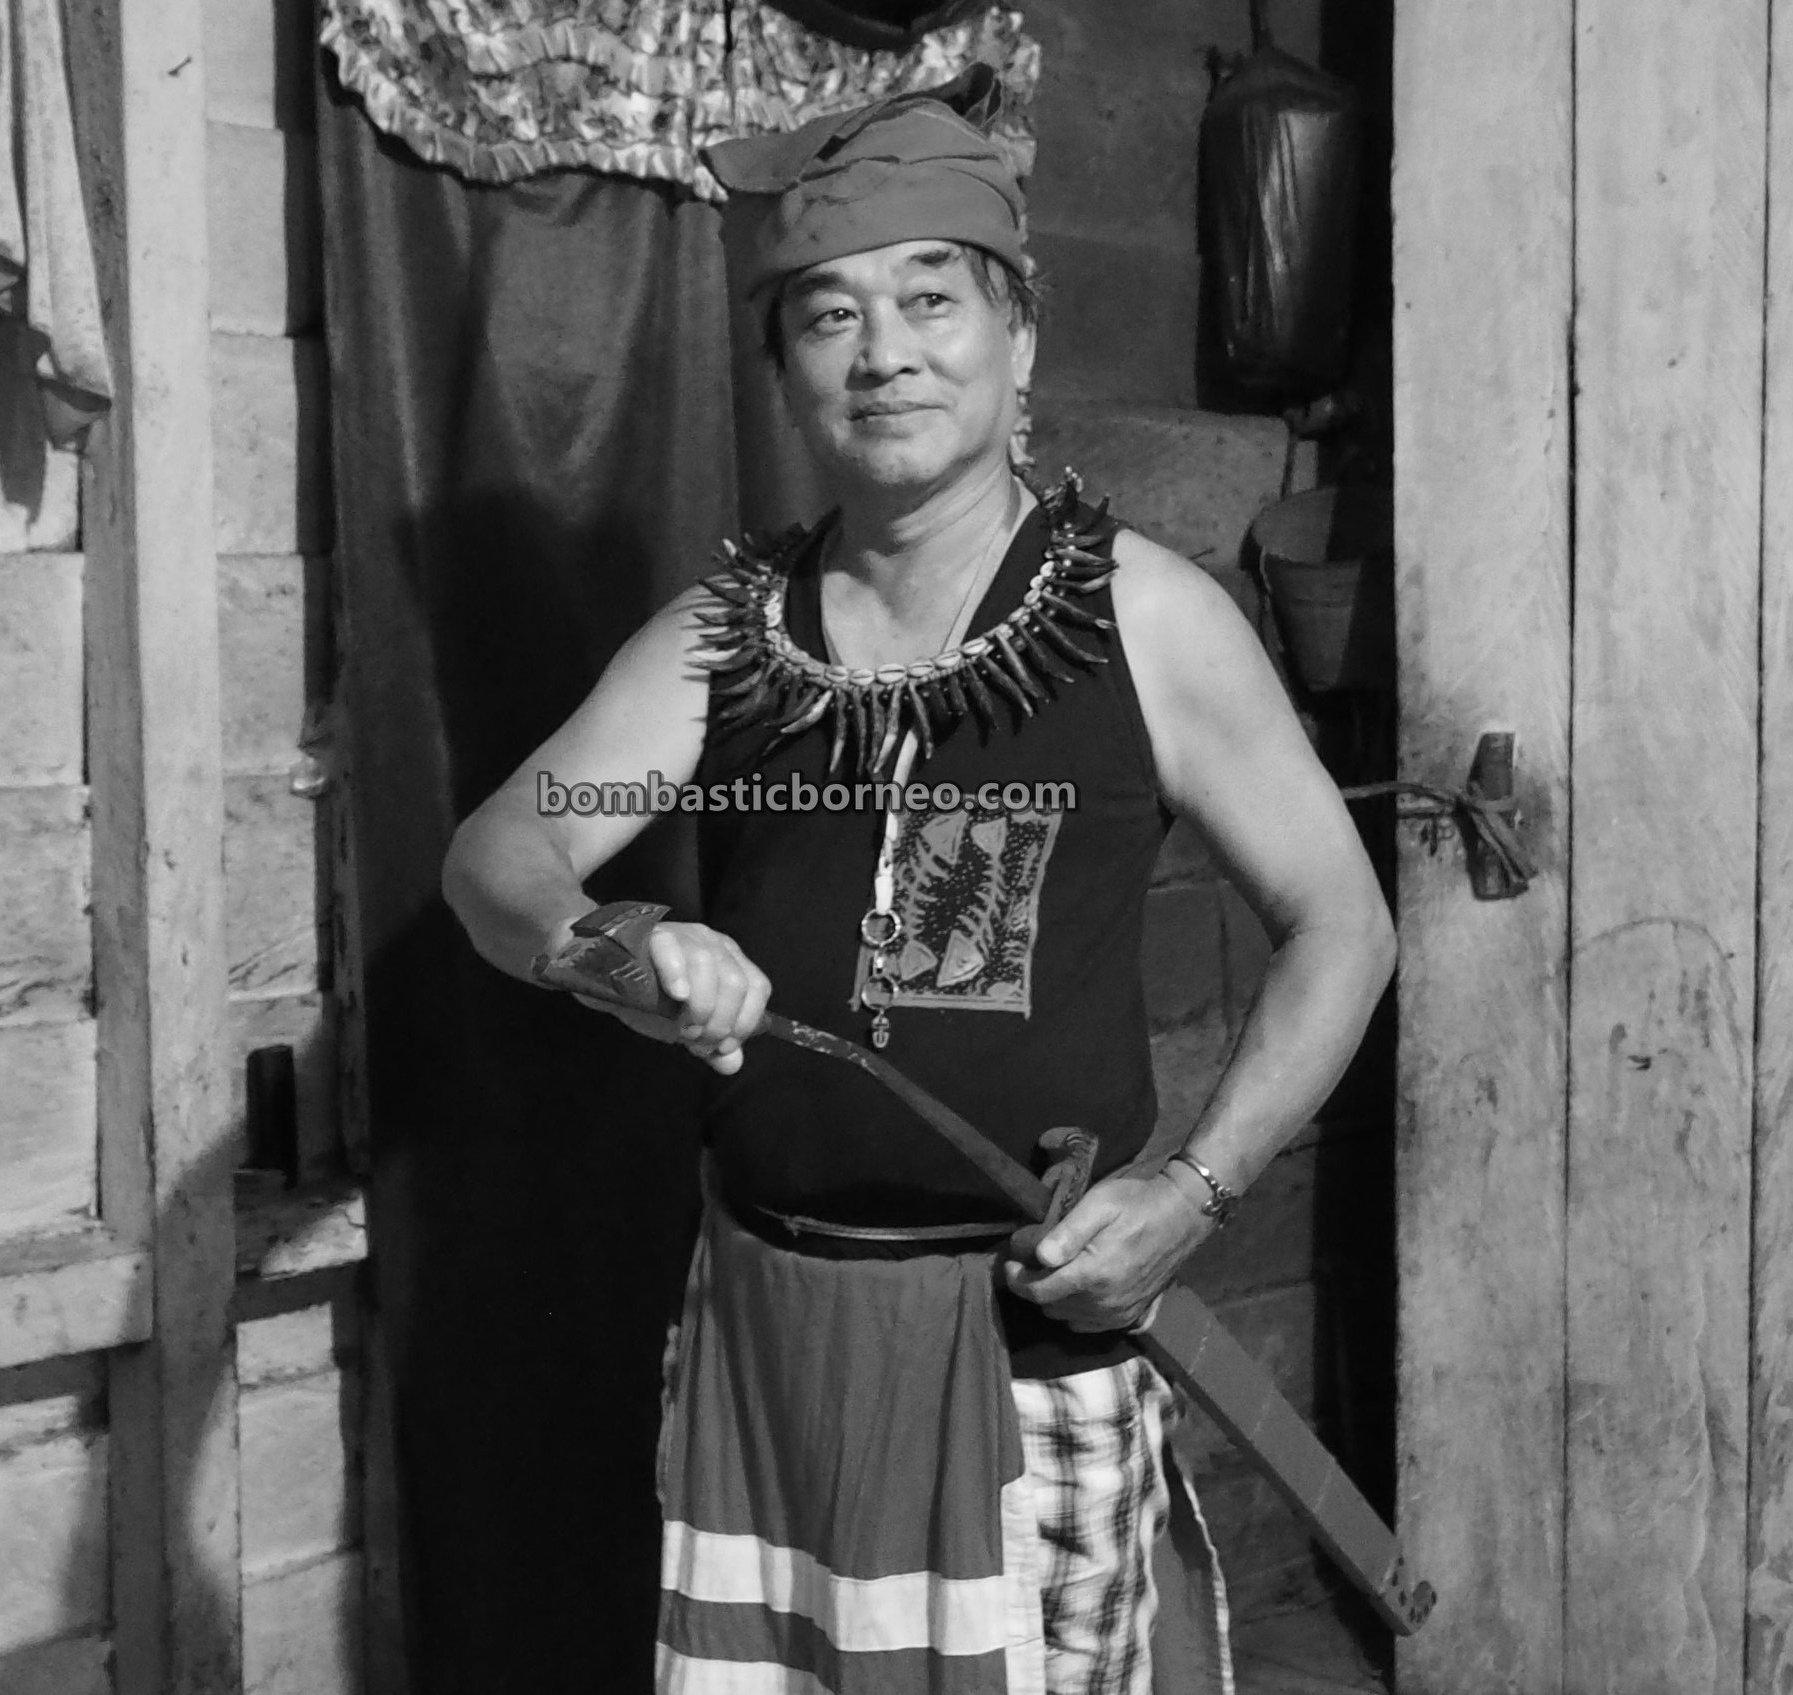 Nyobeng Kambih, Gawai harvest festival, budaya, Indonesia, Bengkayang, Desa Bengkawan, ethnic, native, backpackers, Dayak Kowont, Tourism, Cross Border, 穿越婆罗洲游踪, 西加里曼丹达雅部落, 印尼孟加映文化